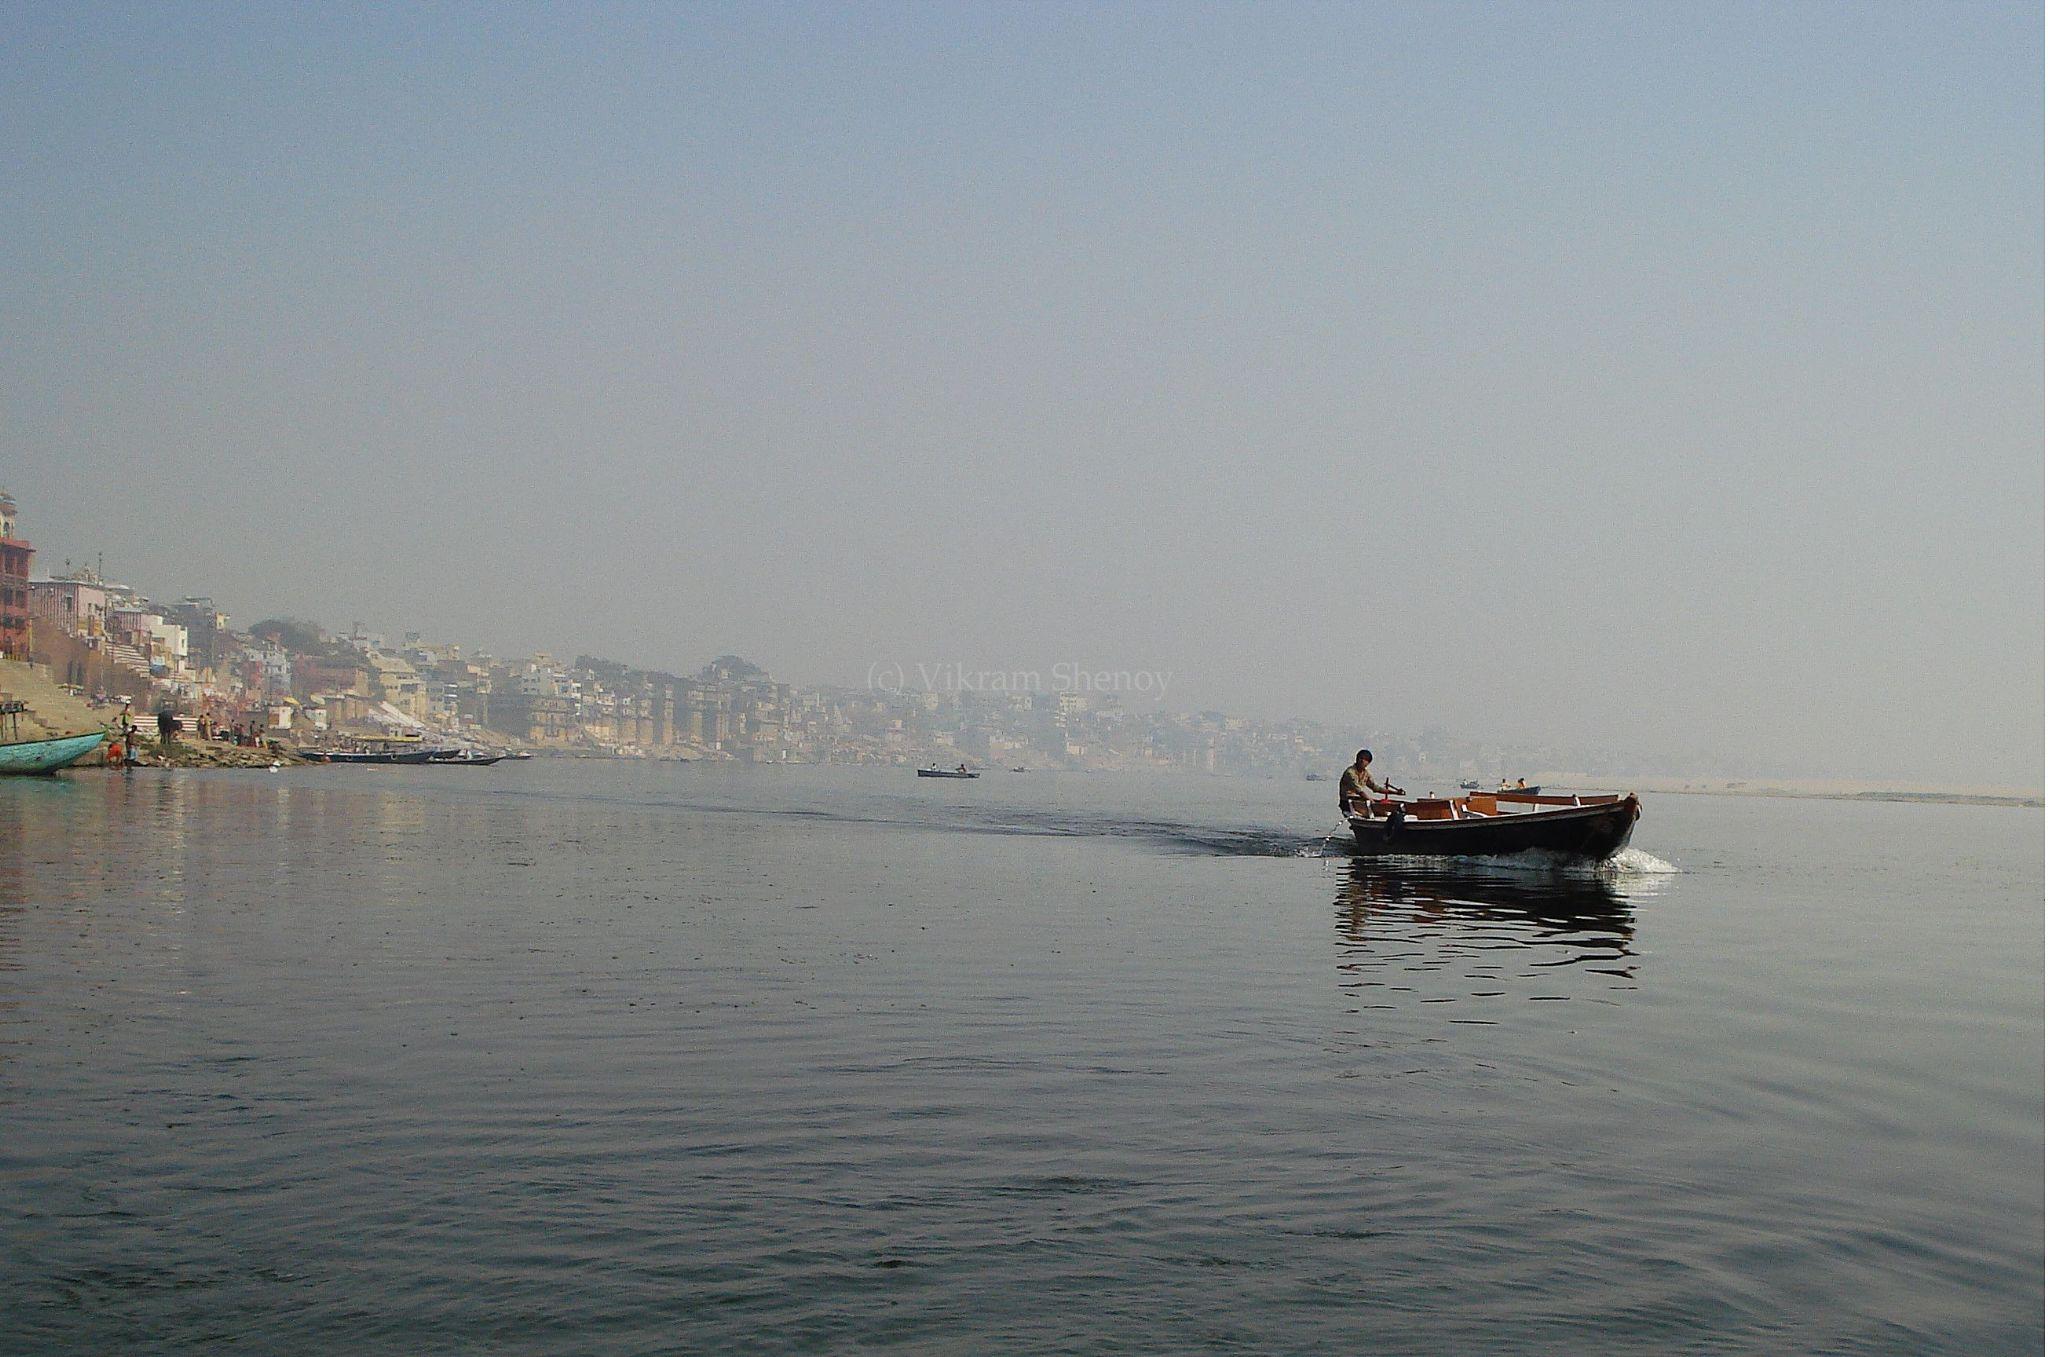 The Boatman by Vikram Shenoy